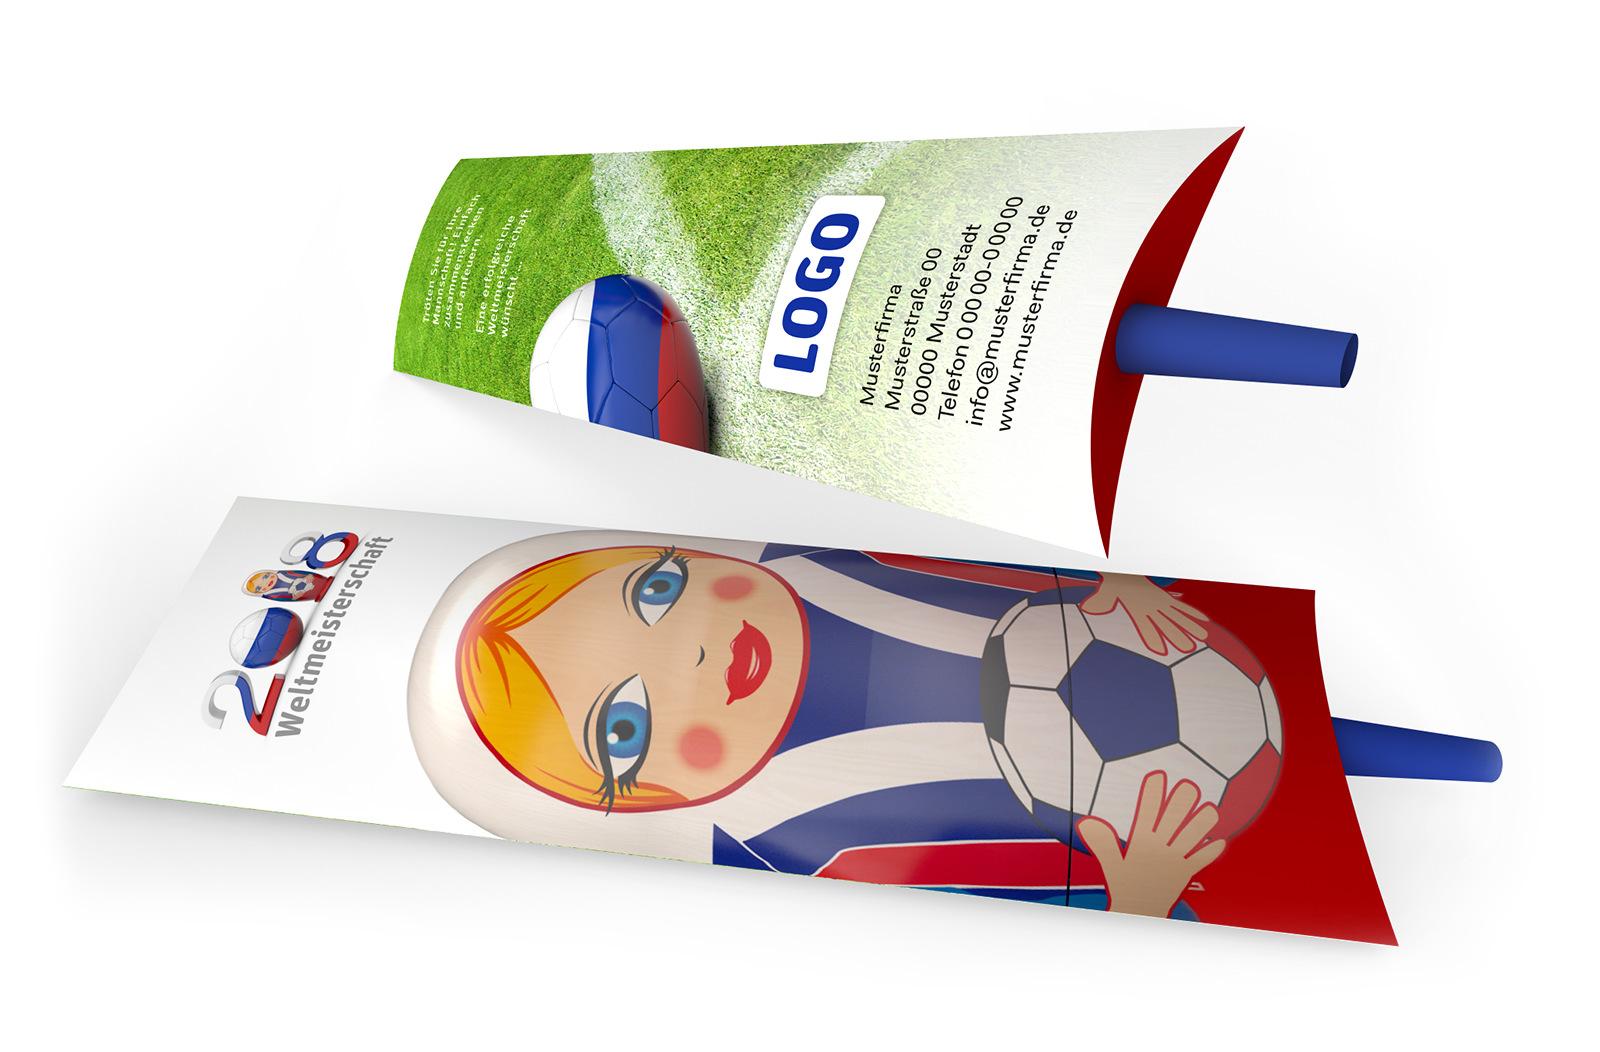 Fußball Spielplan WM 2018 Matrötschka, die russische Vuvuzela.